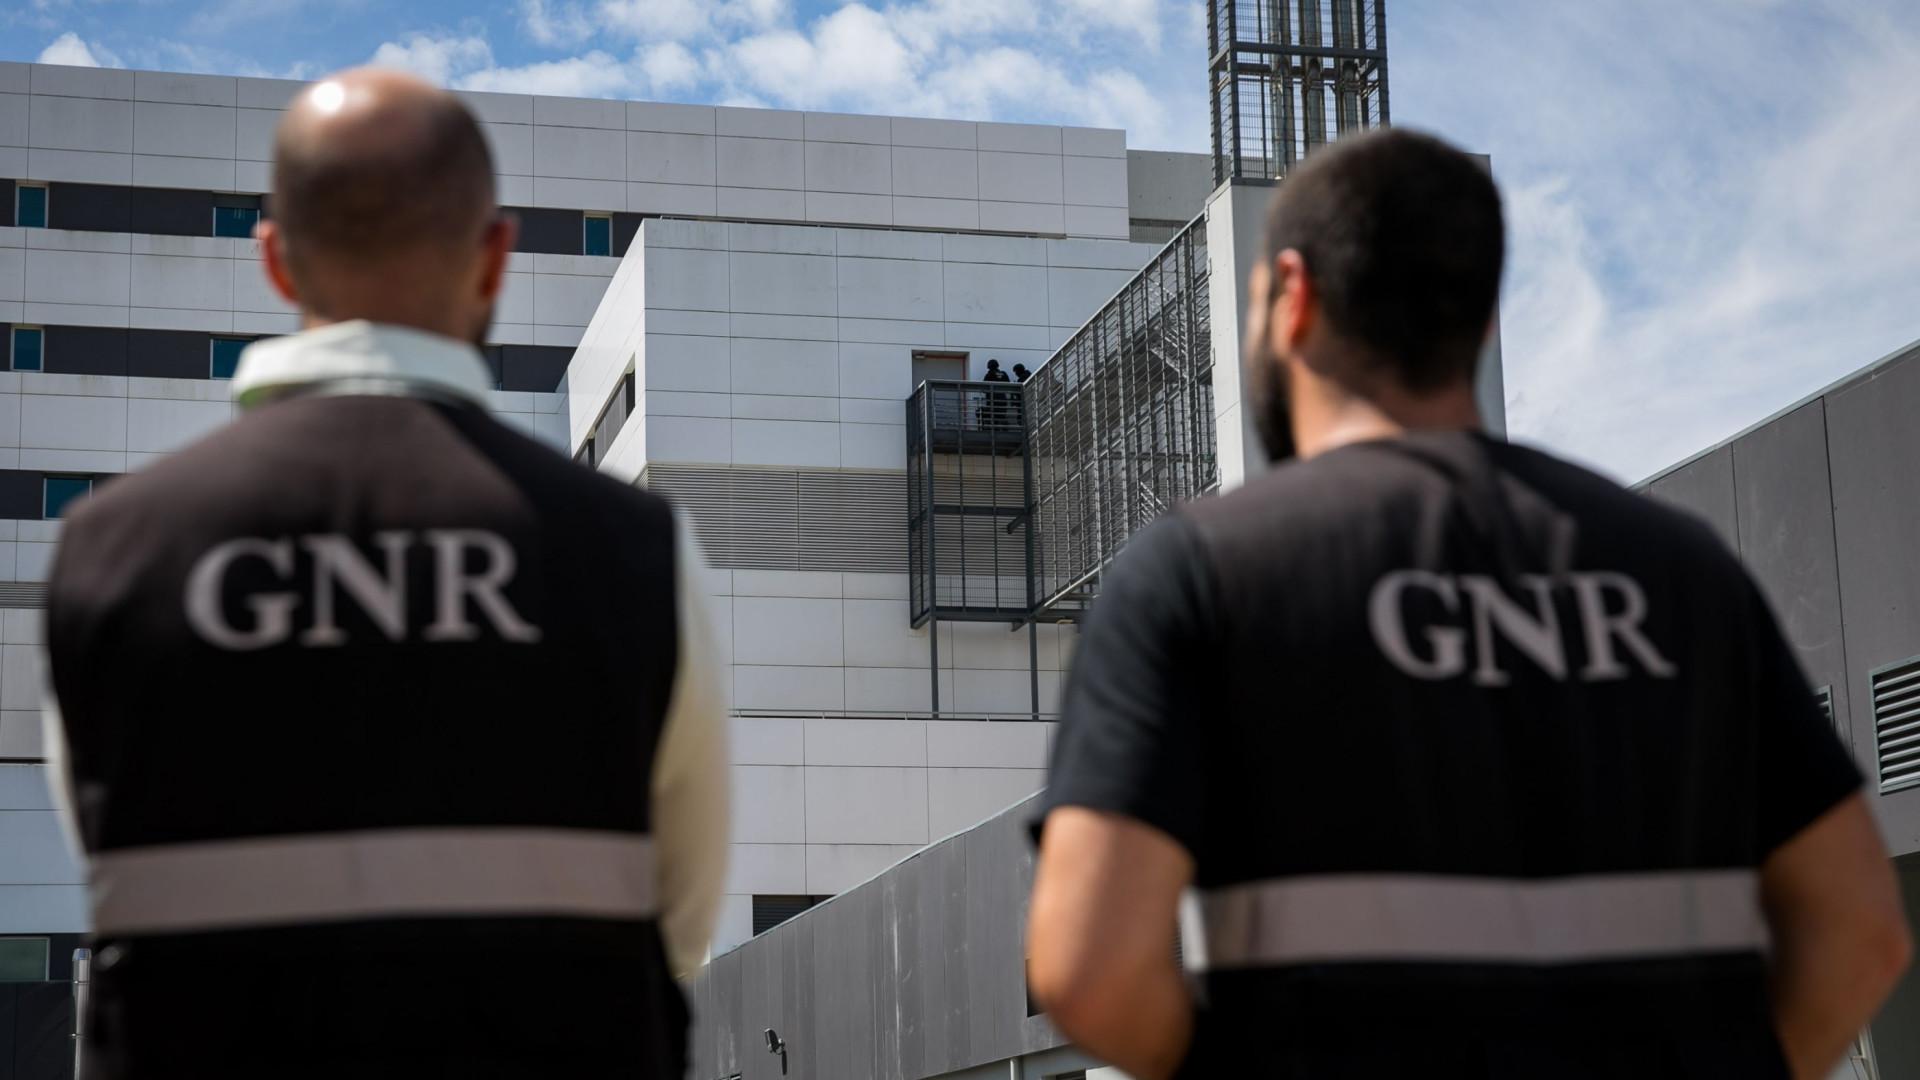 Identificada empresa suspeita de ter poluído ribeiro em Santo Tirso